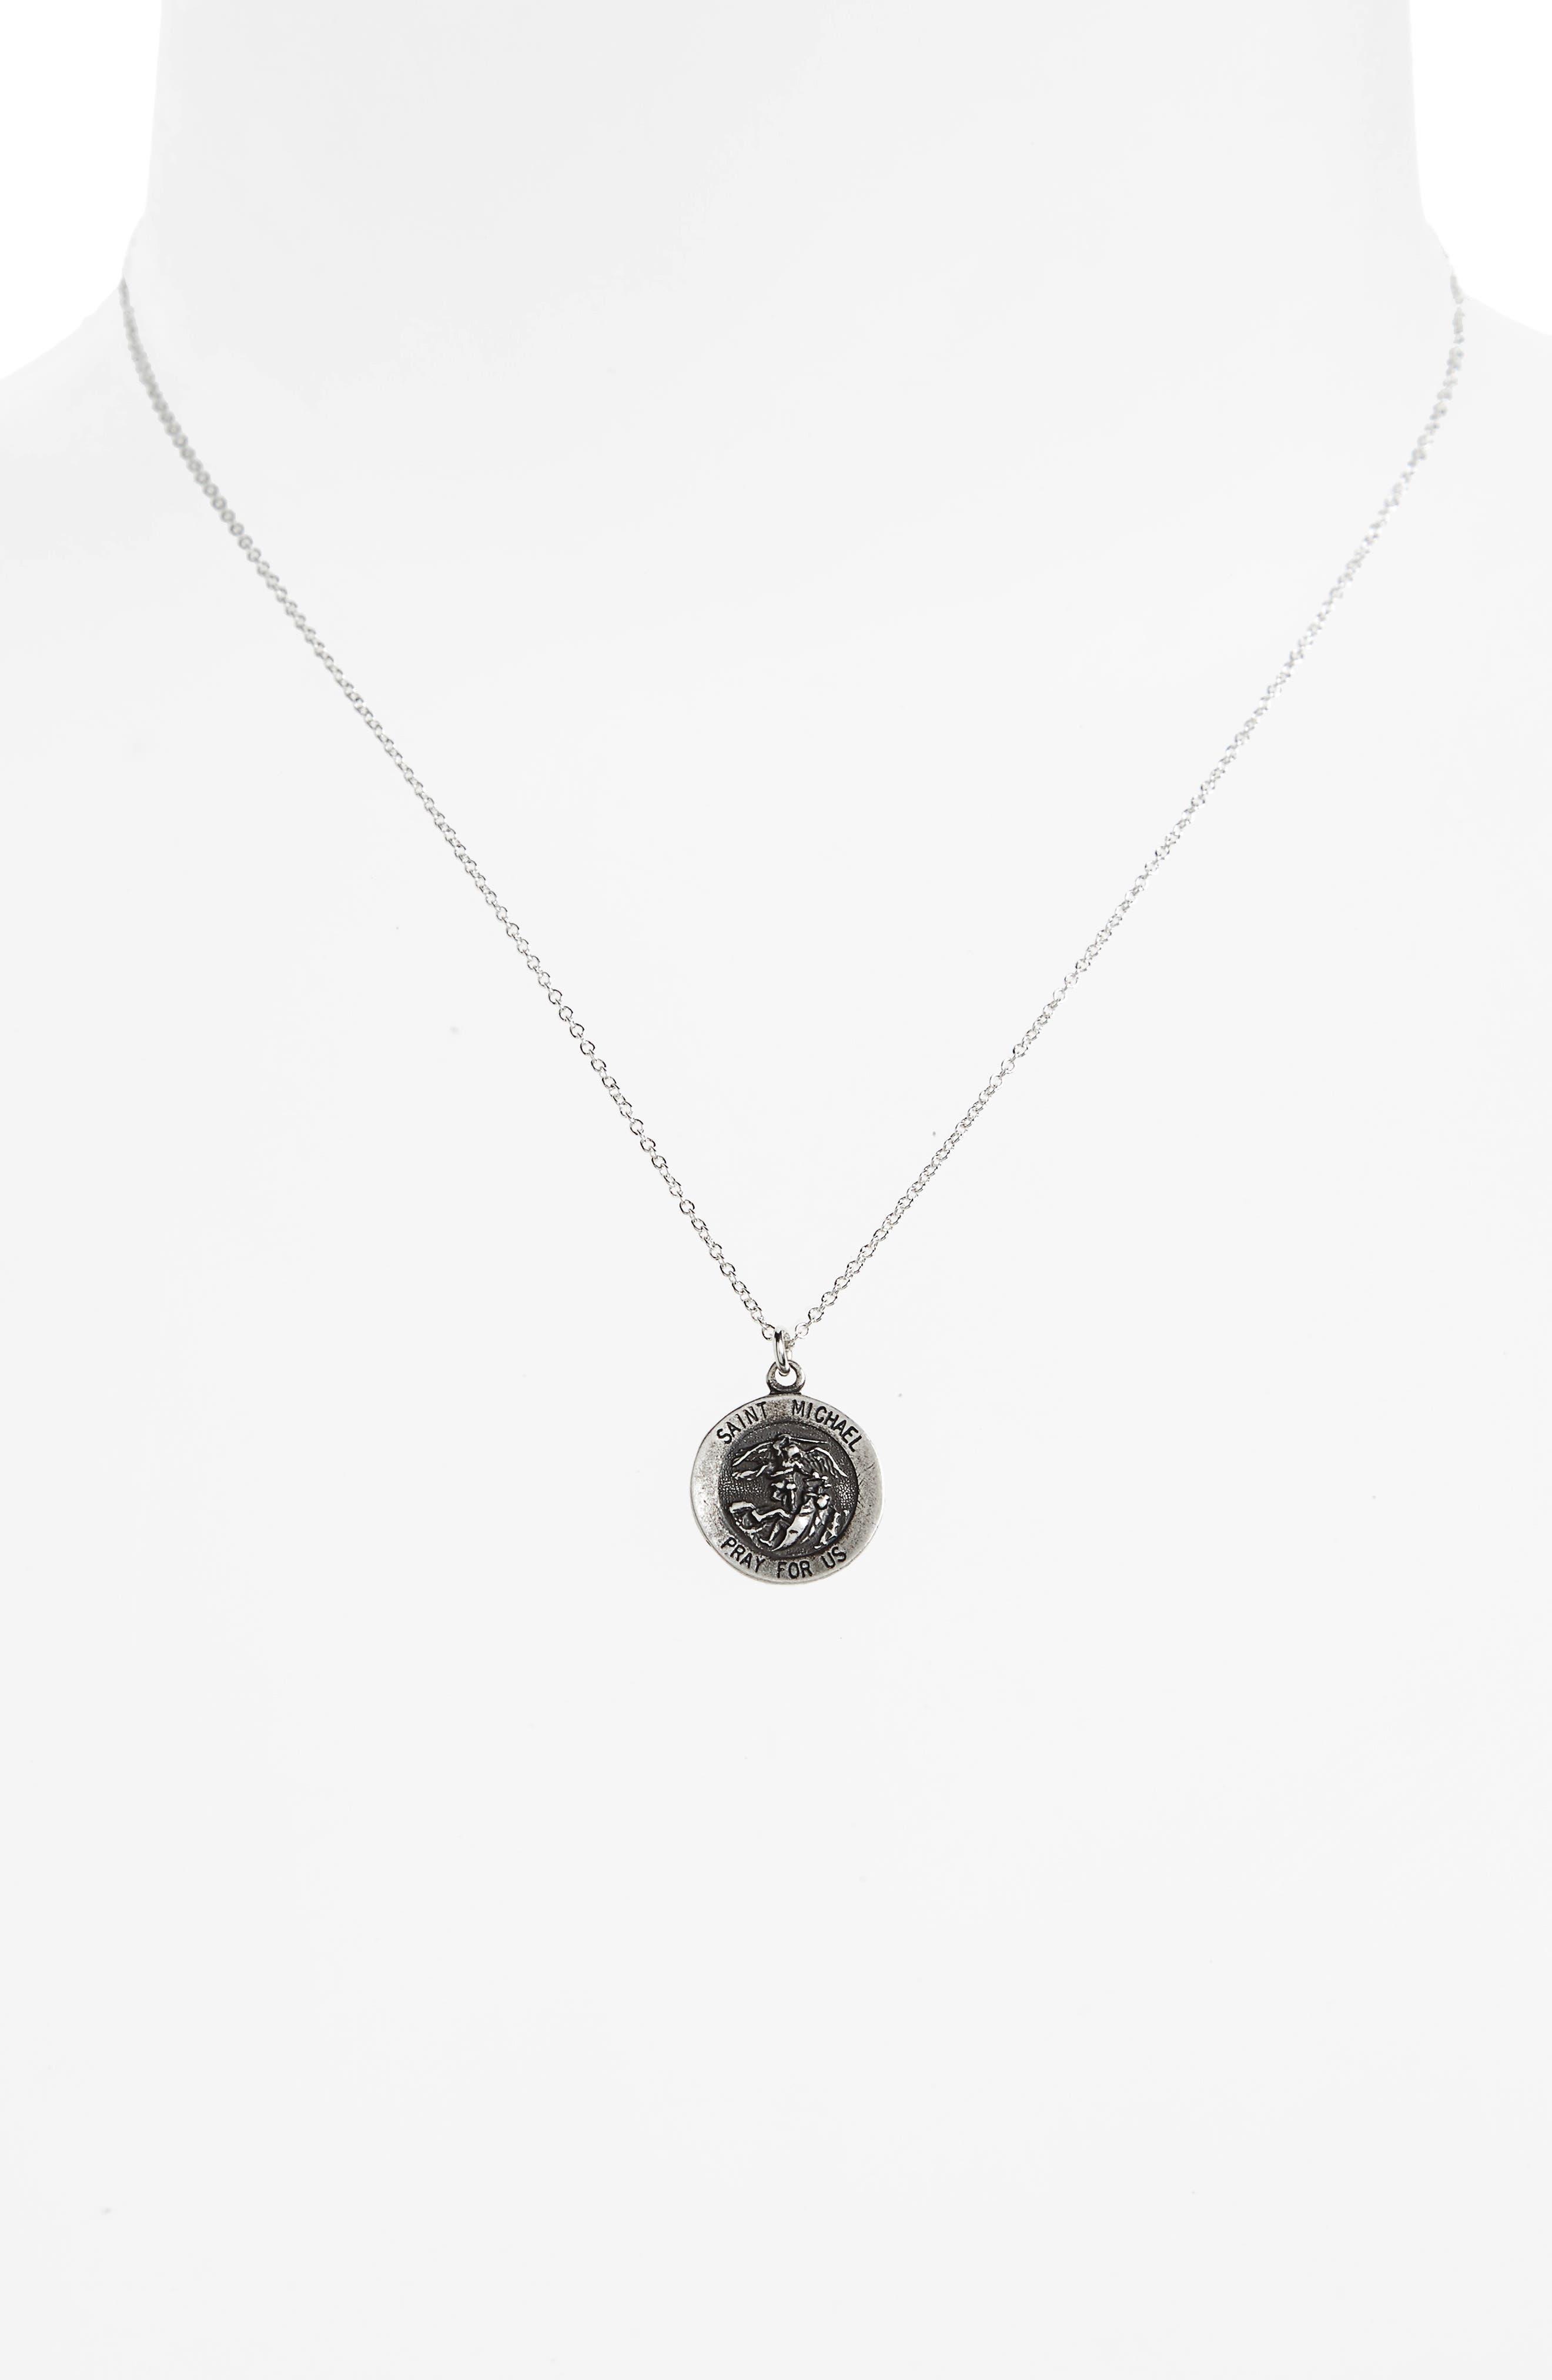 Saint Michael Pendant Necklace,                             Alternate thumbnail 3, color,                             042